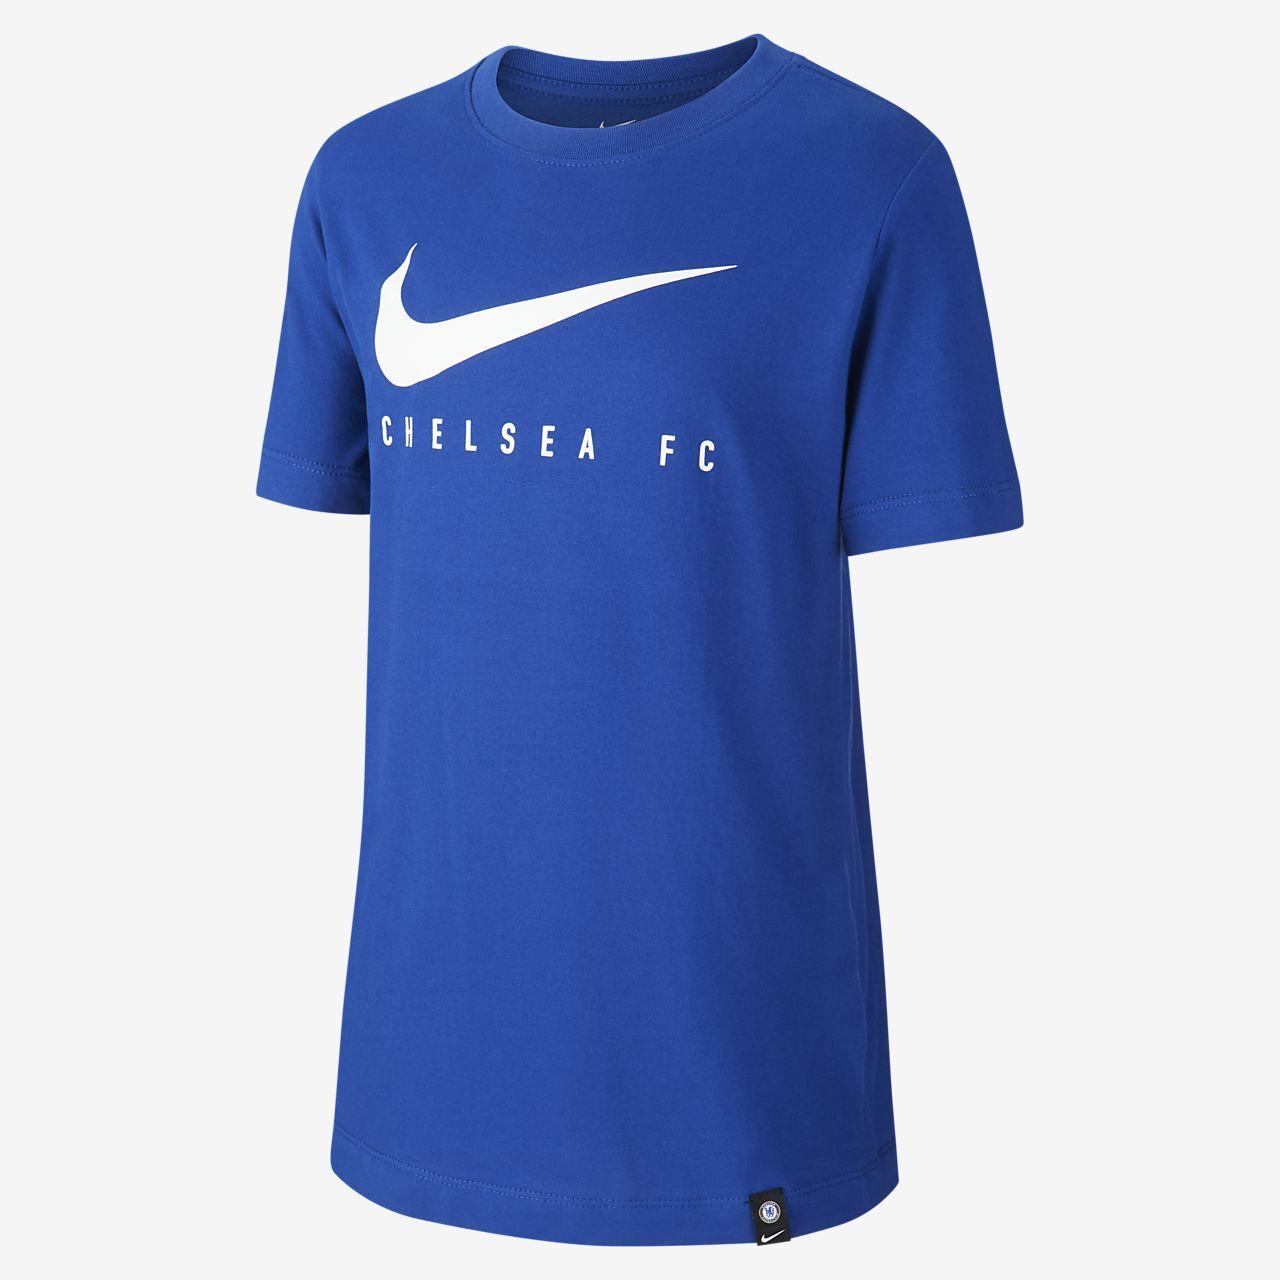 Ποδοσφαιρικό T-Shirt Nike Dri-FIT Chelsea FC για μεγάλα παιδιά